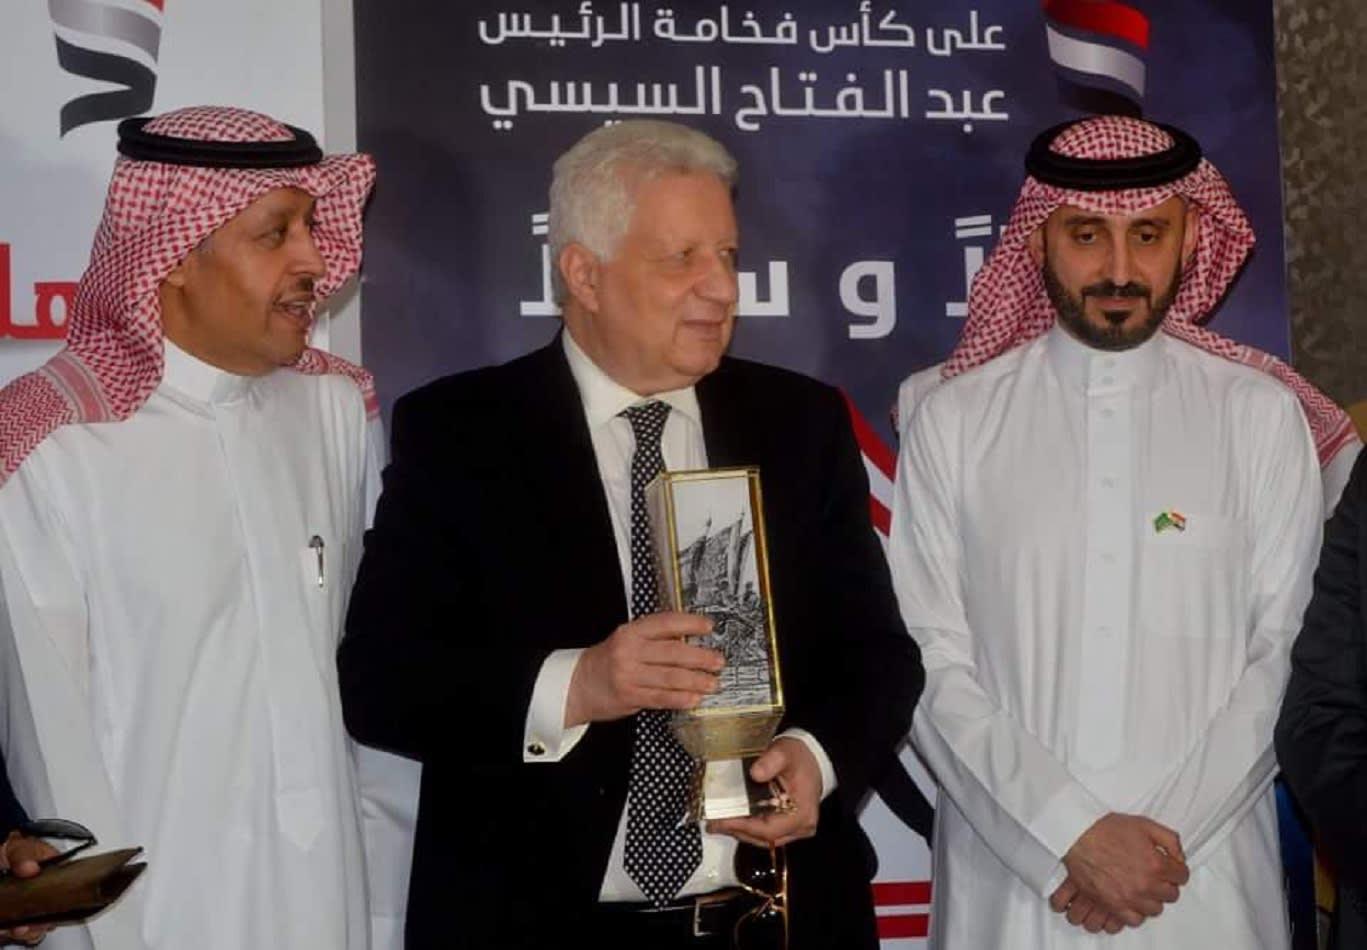 مرتضى منصور في السعودية.. ويعلن: الزمالك يدرس المشاركة بدوري أبطال آسيا